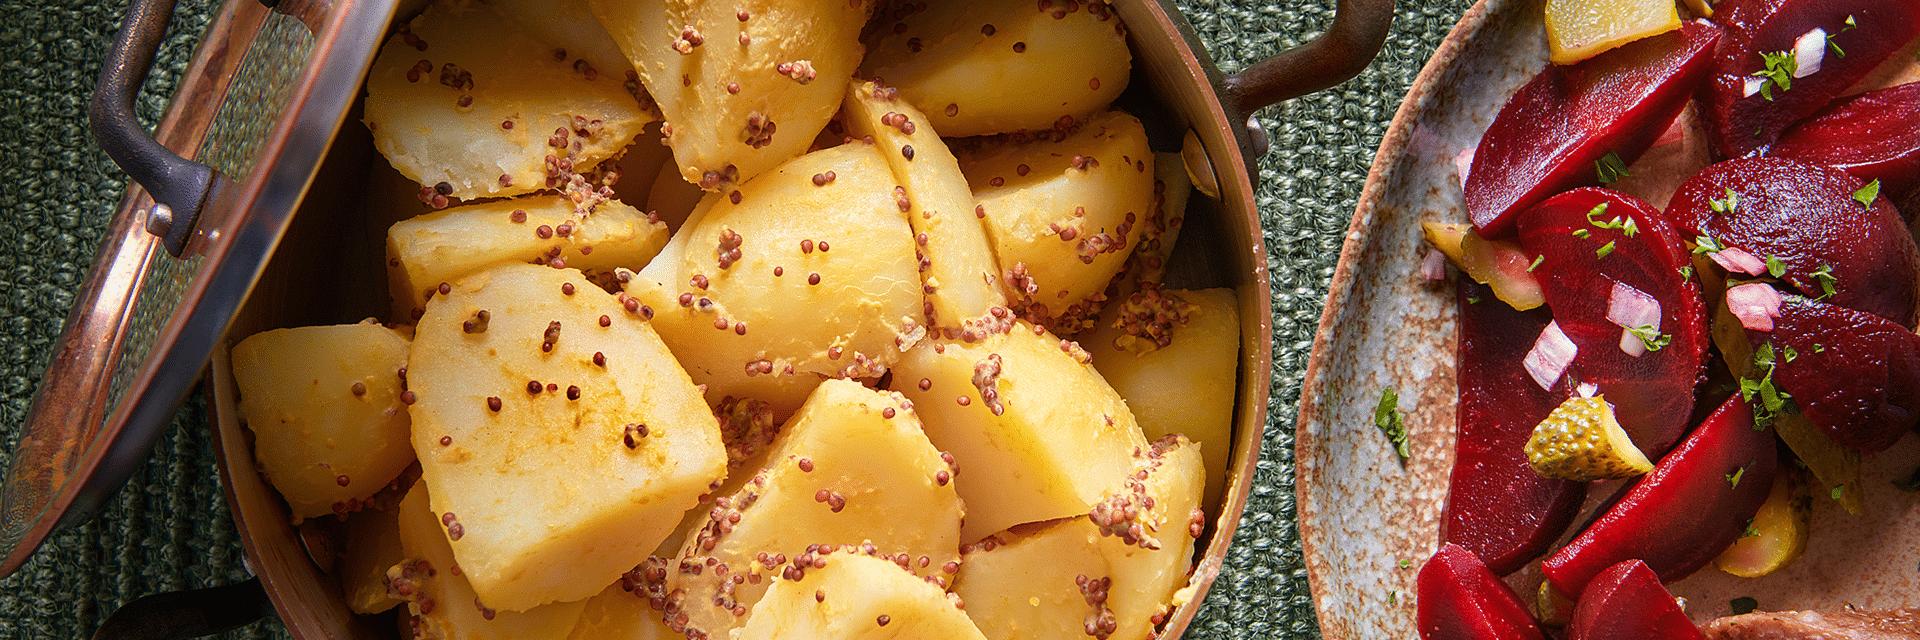 Oma's aardappel met grove mosterd en rode bietjes